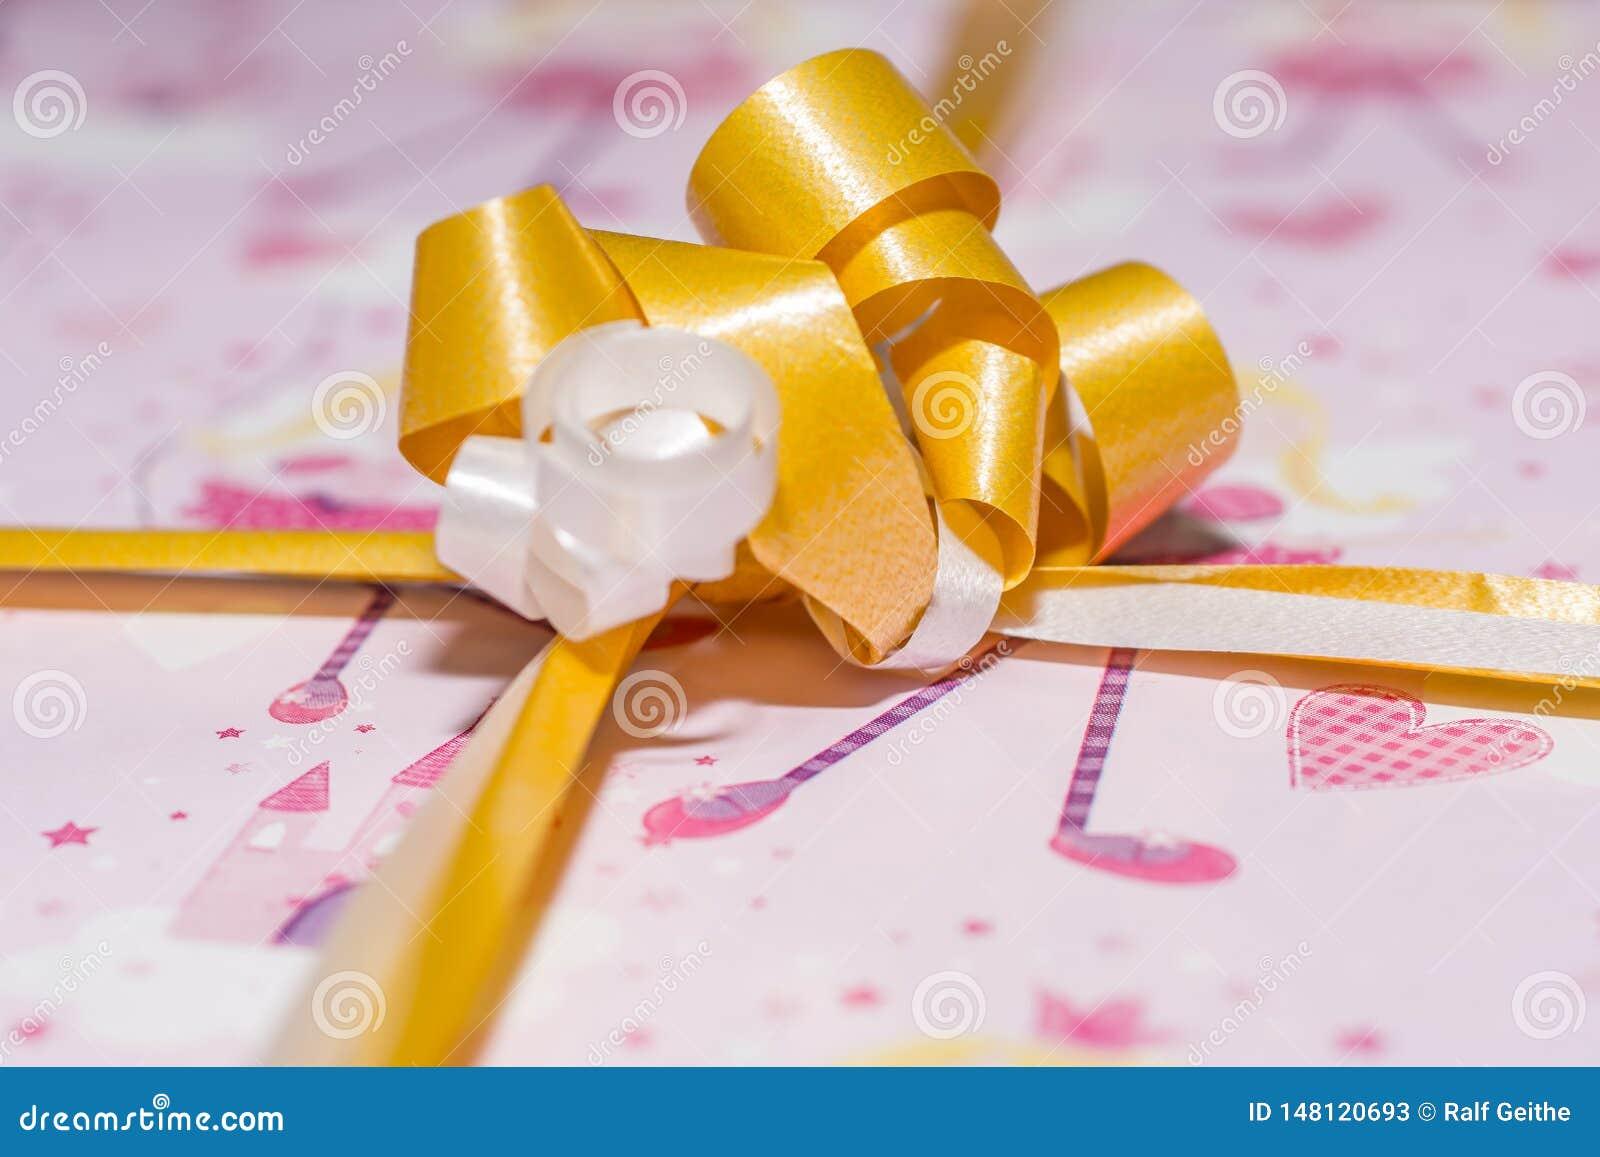 Λεπτομέρεια ενός περικαλύμματος δώρων